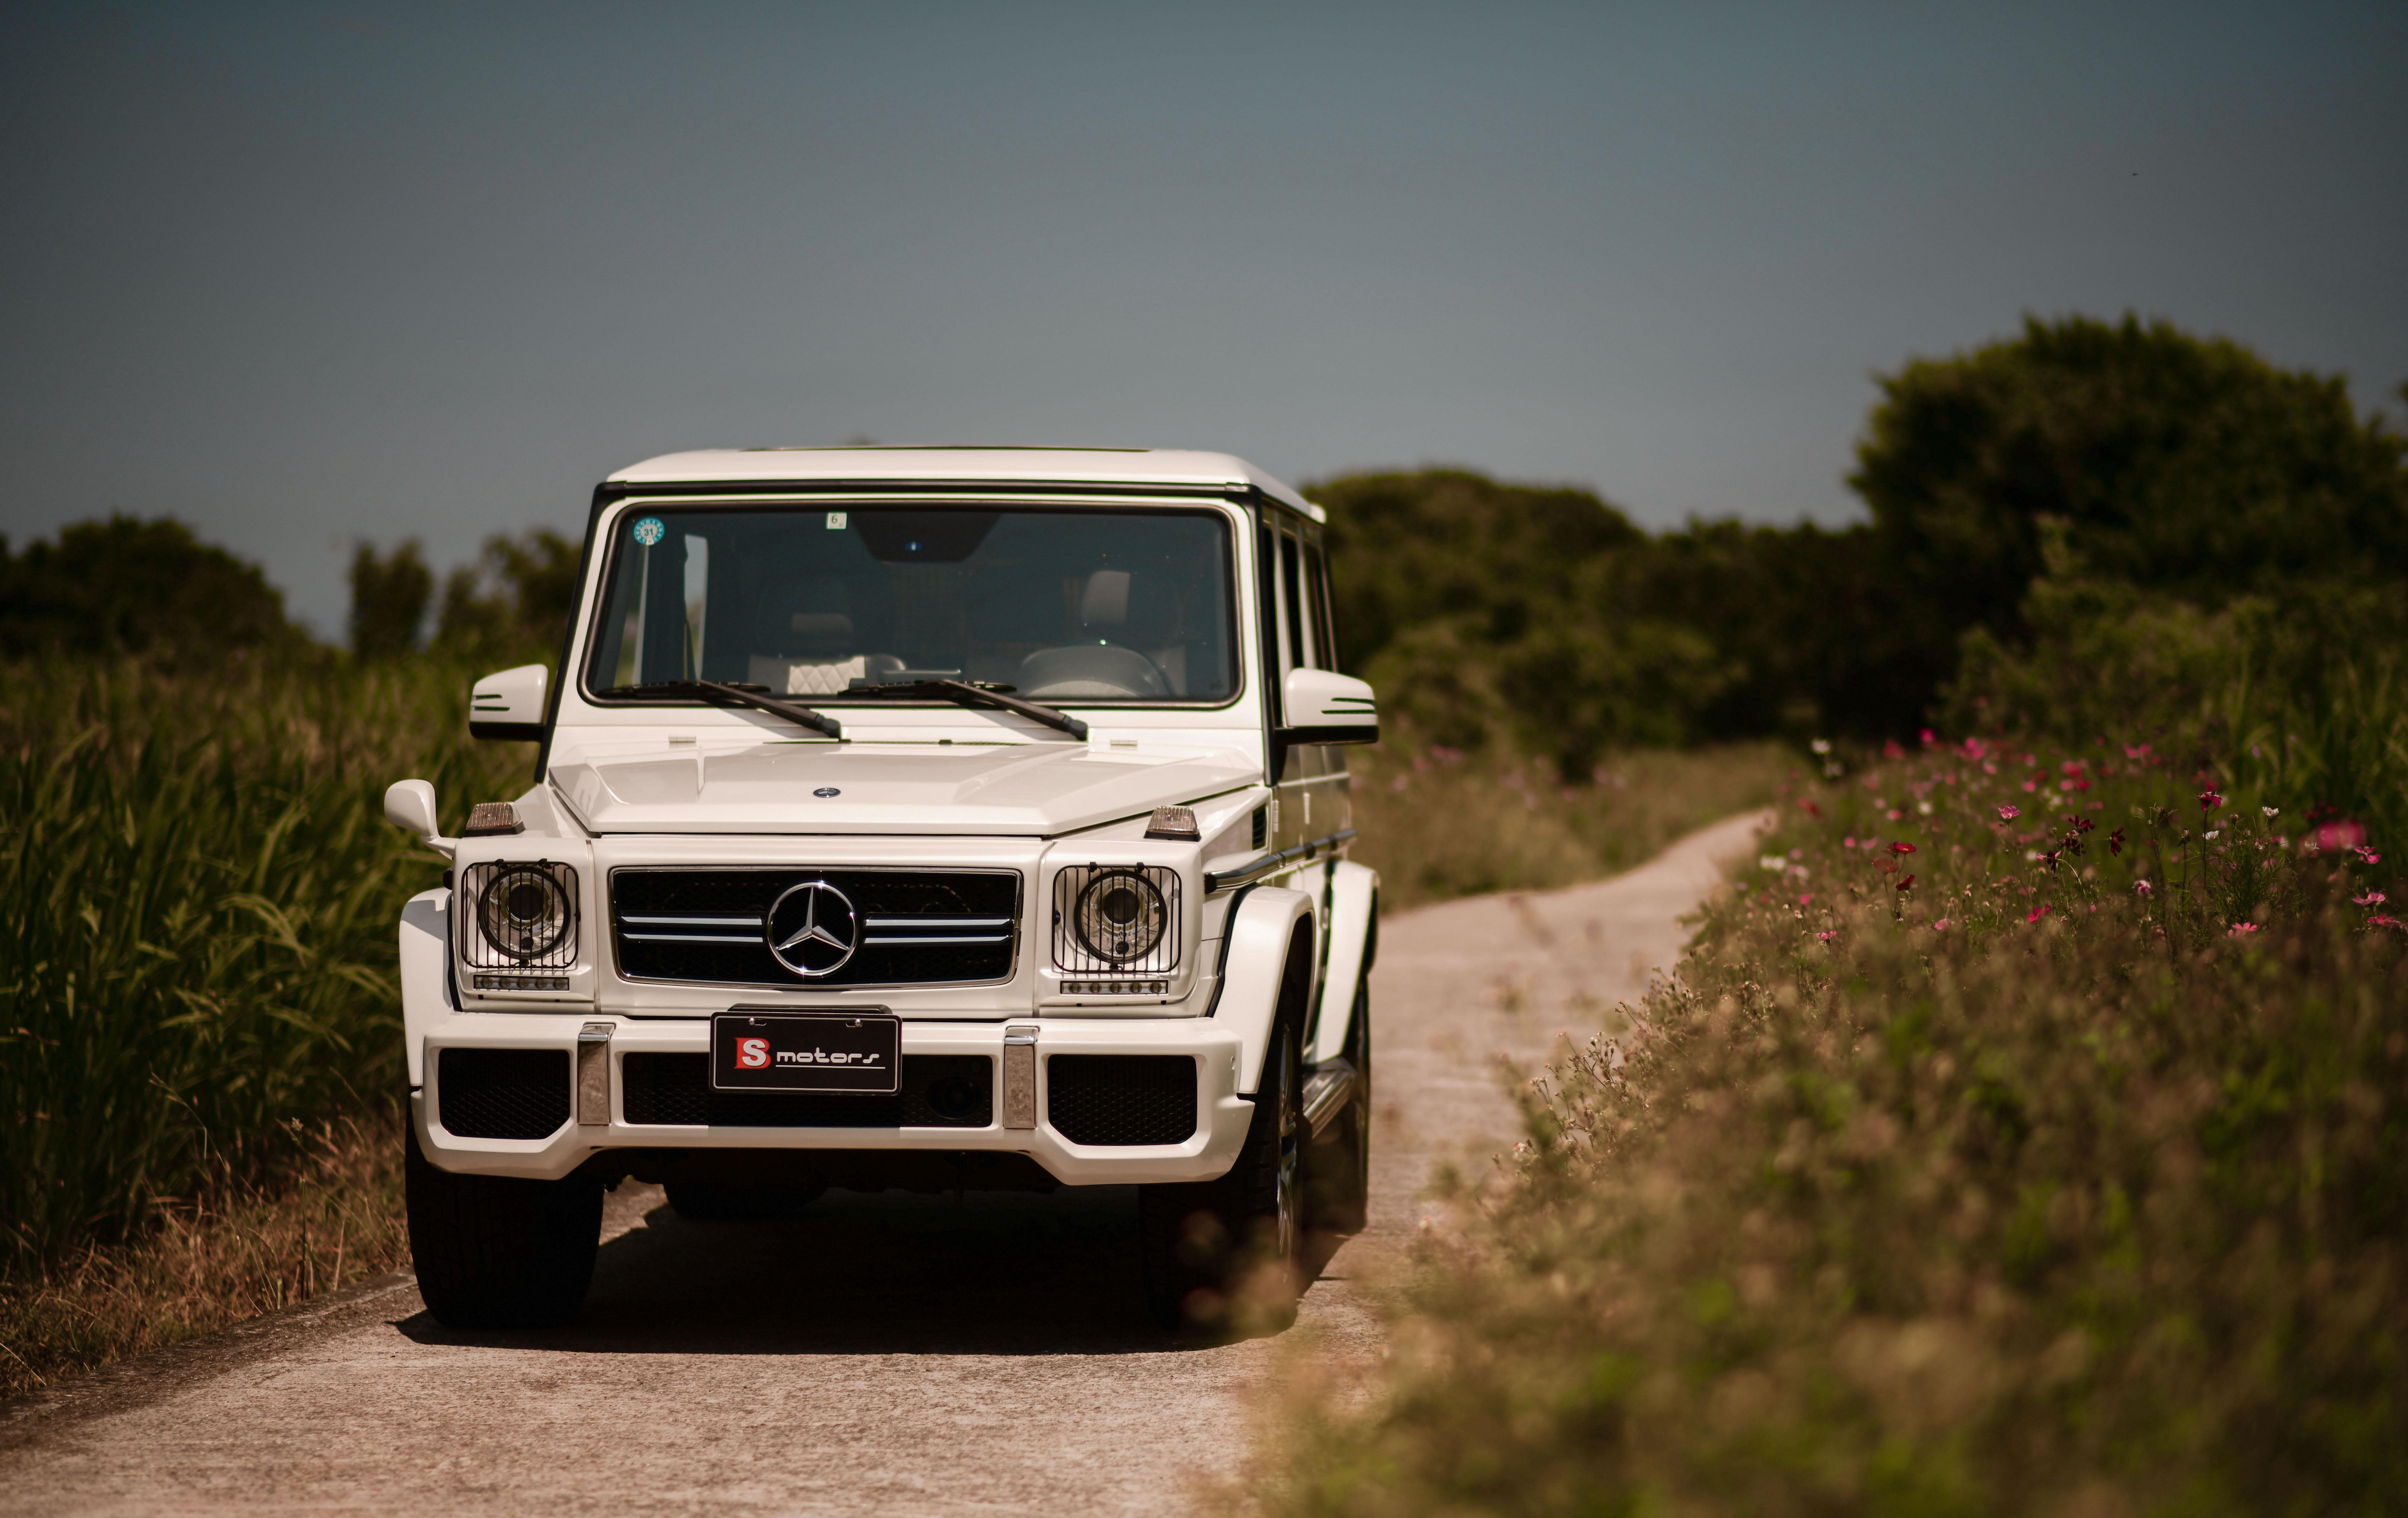 77224 Hintergrundbild herunterladen Mercedes, Auto, Cars, Suv, Vorderansicht, Frontansicht, Maschine, Mercedes-Benz G63 Amg - Bildschirmschoner und Bilder kostenlos